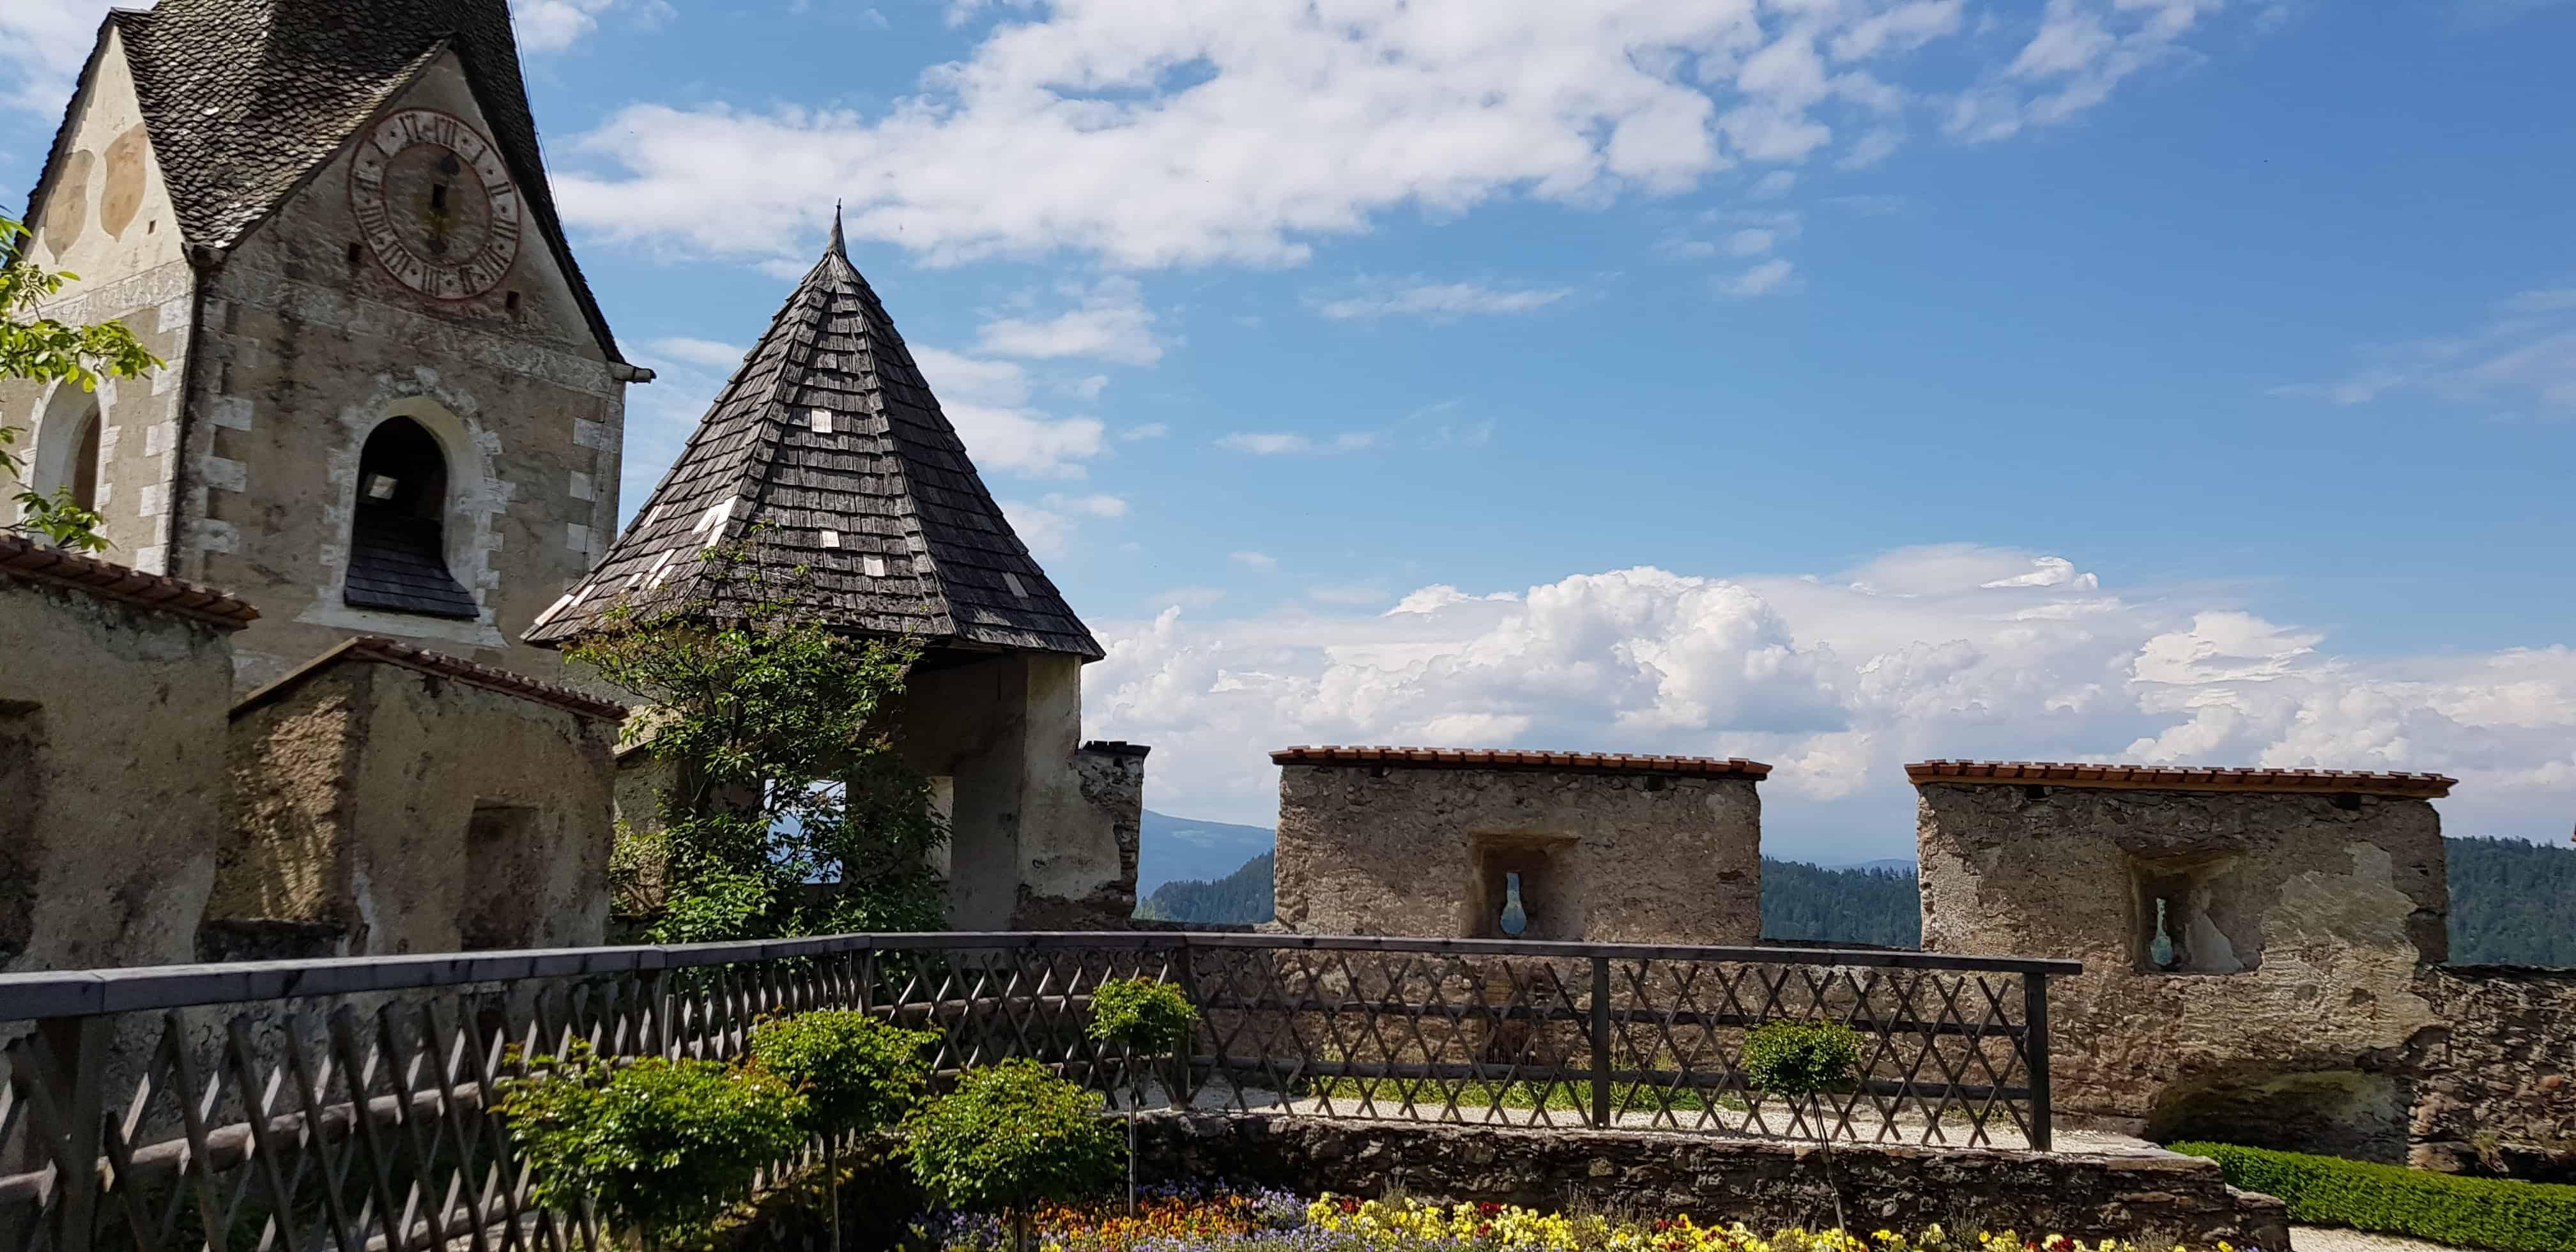 Gartenanlage mit Burgkirche auf der sehenswürdigen Burg Hochosterwitz - Kärntens beliebteste Ausflugsziele.